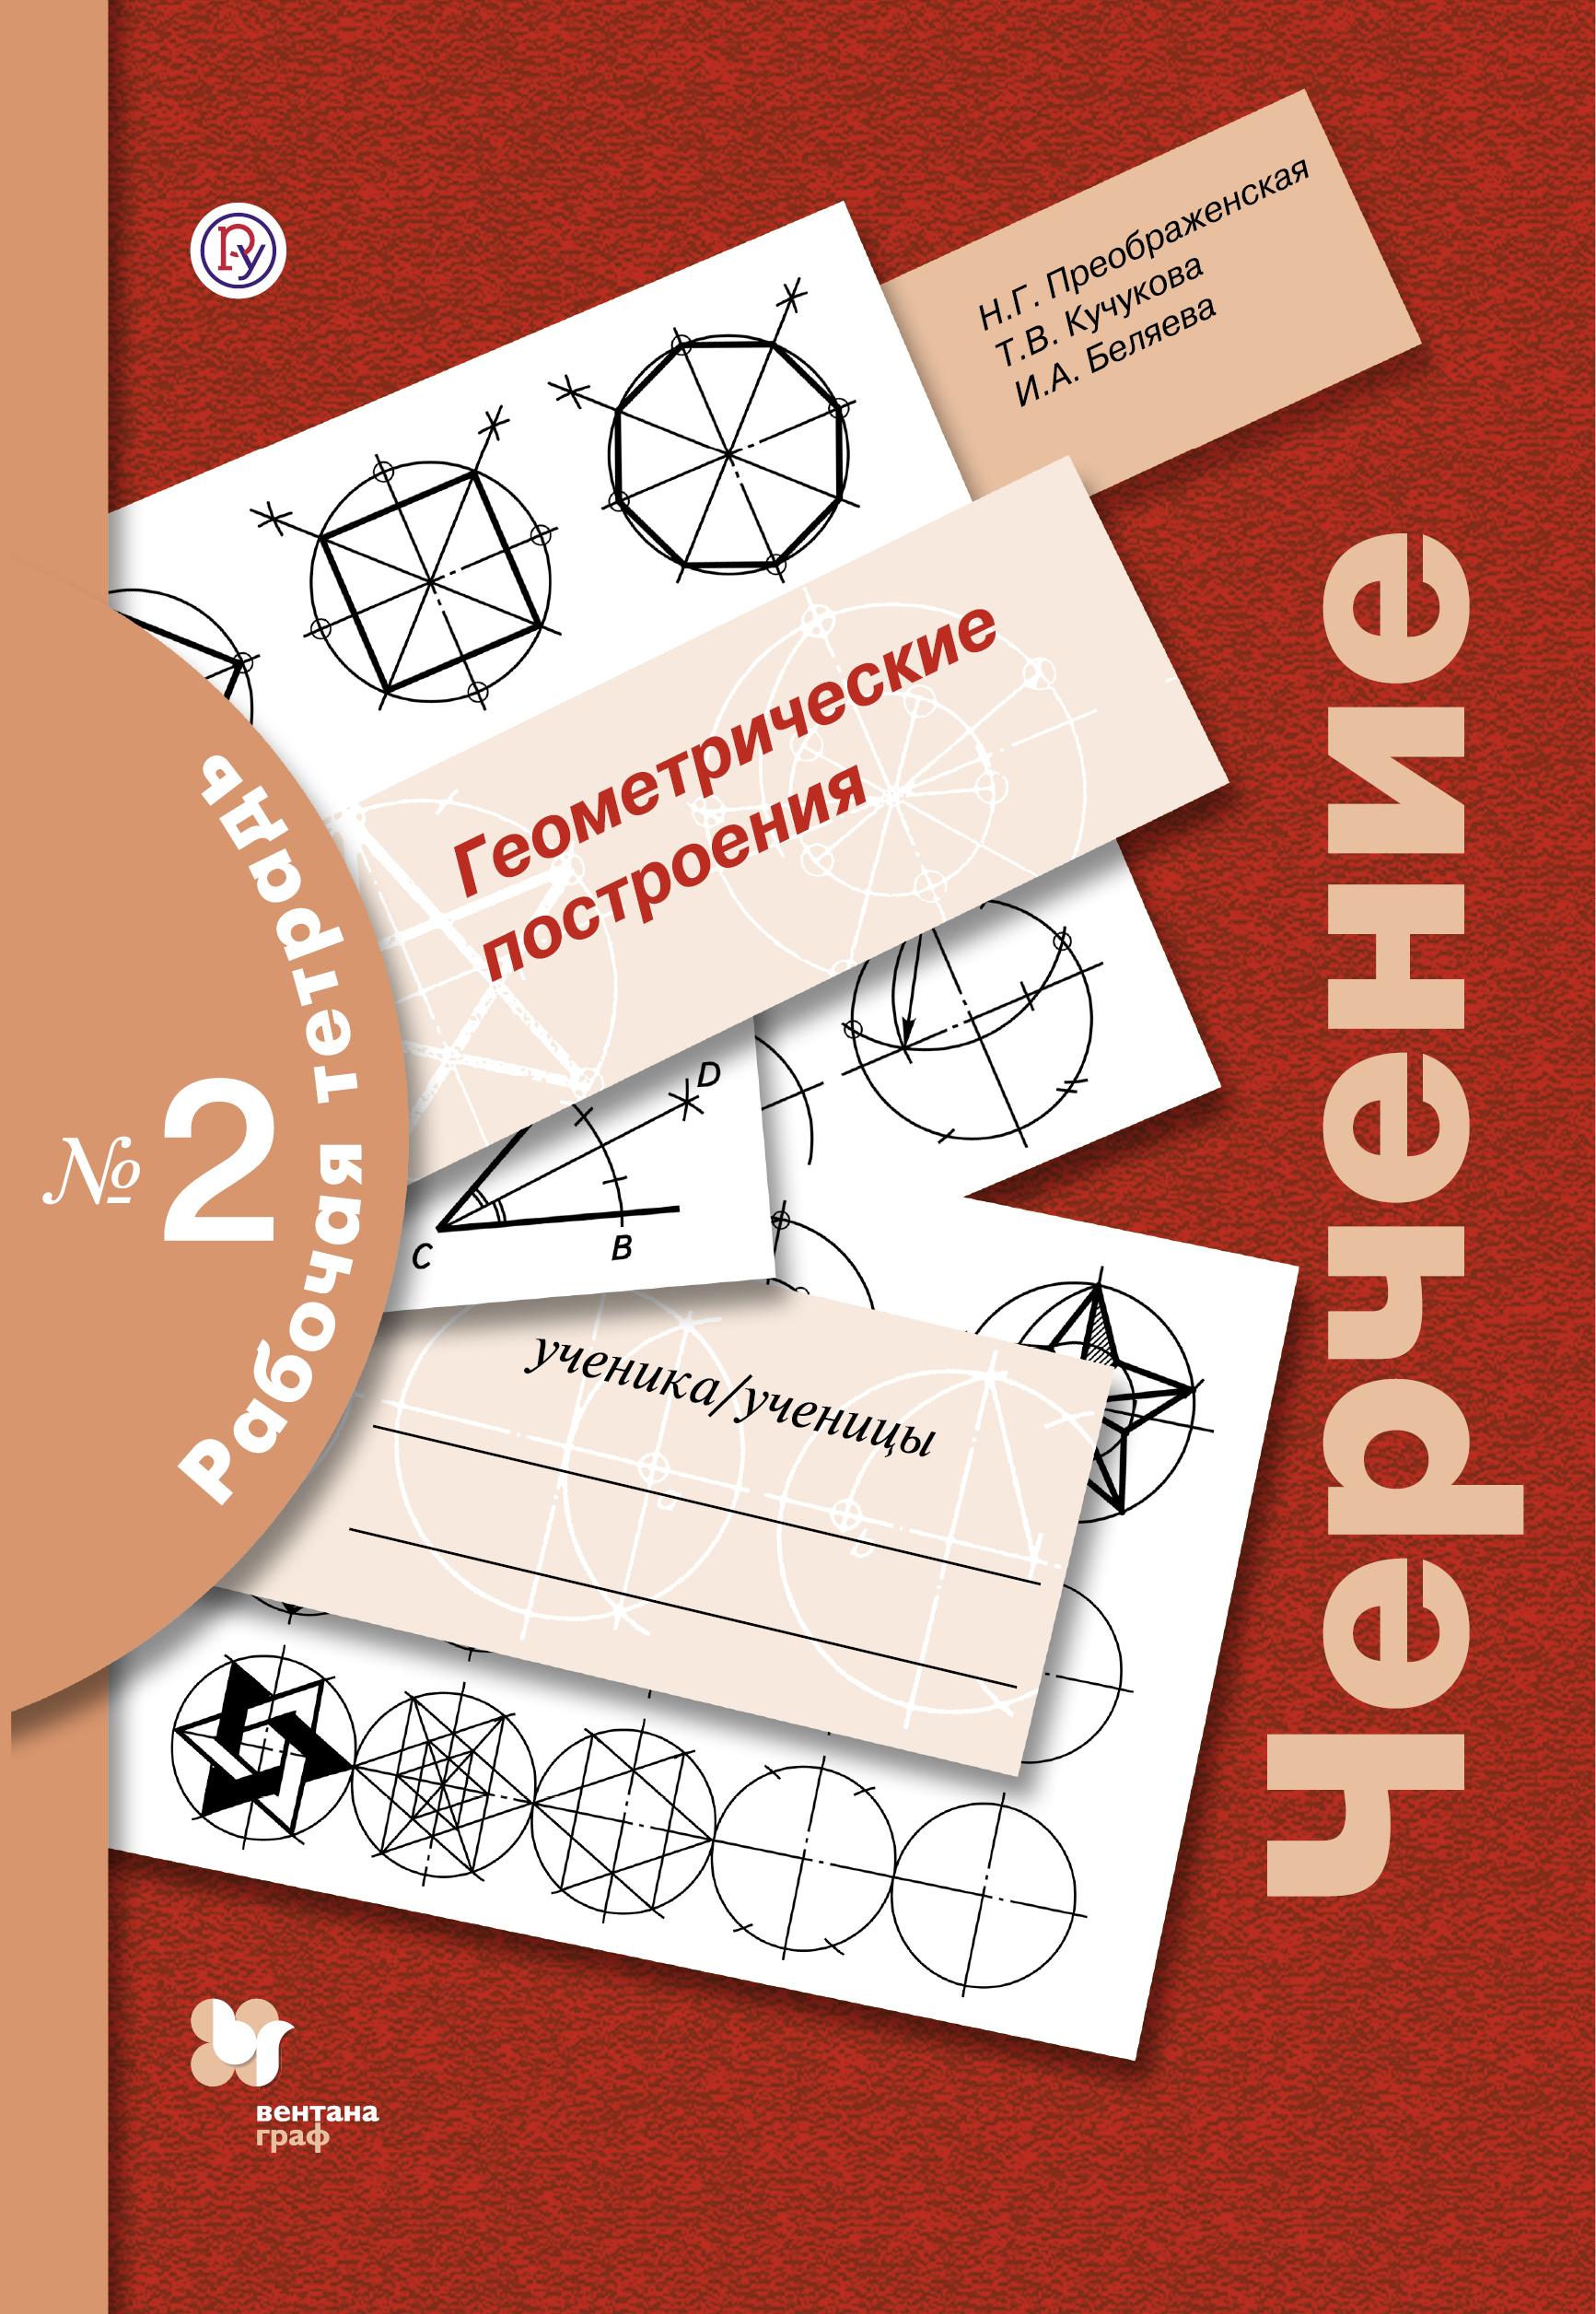 ПреображенскаяН.Г. Черчение № 2. Геометрические построения. 7-9кл. Рабочая тетрадь.